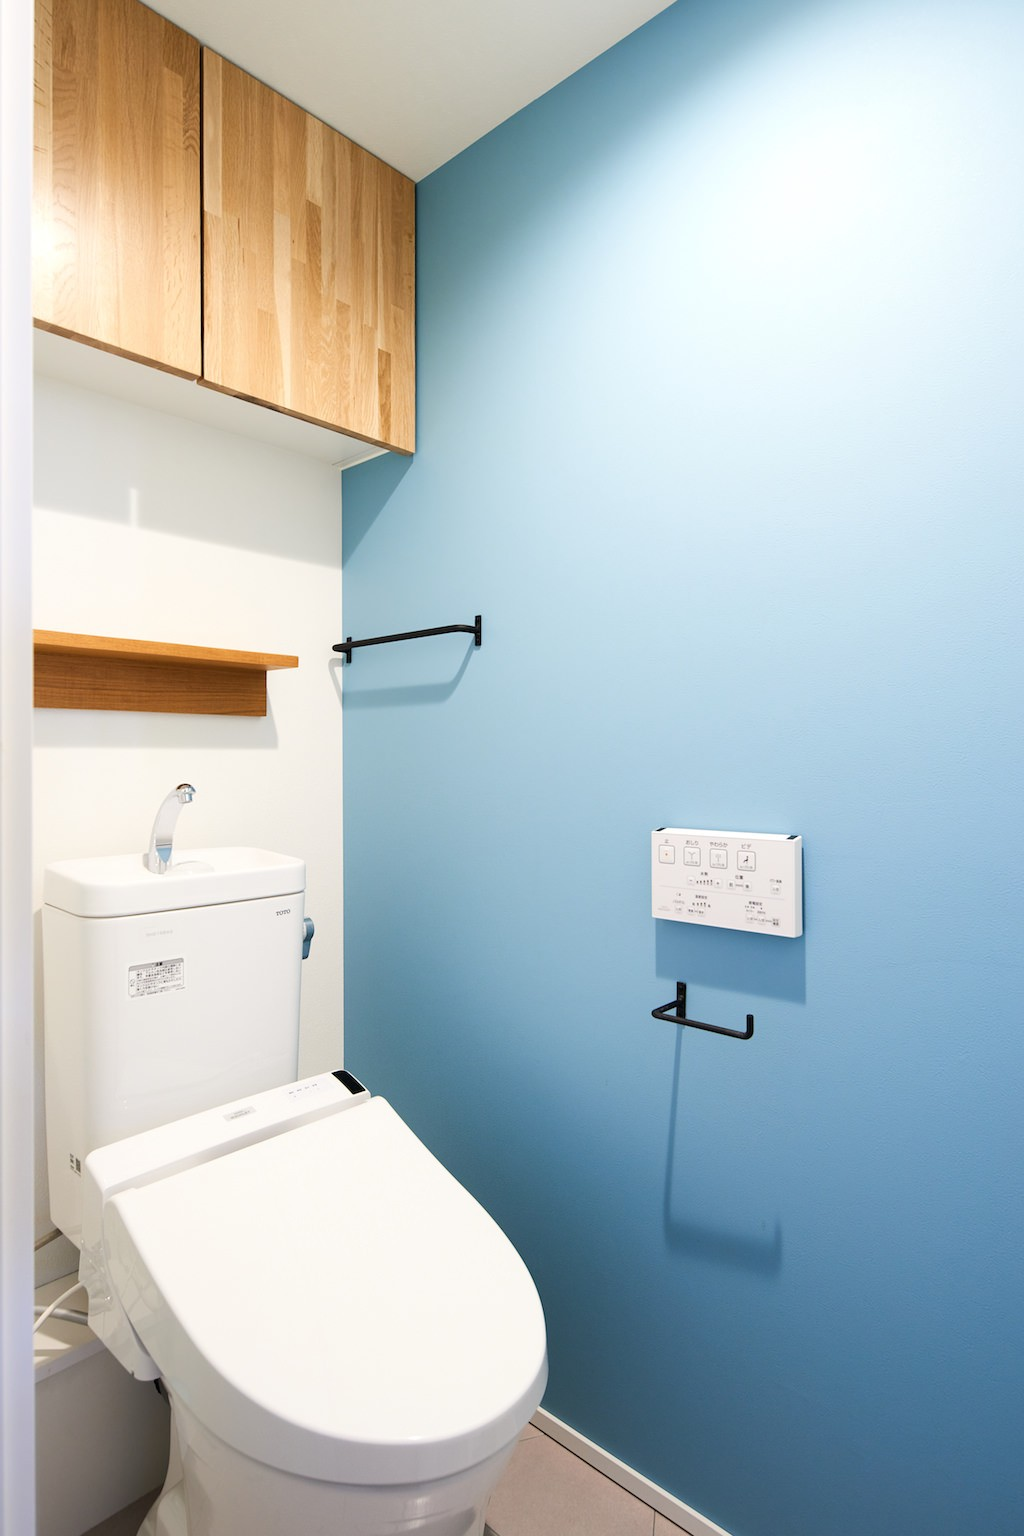 バス/トイレ事例:トイレ(こだわり溢れるインダストリアルな空間)